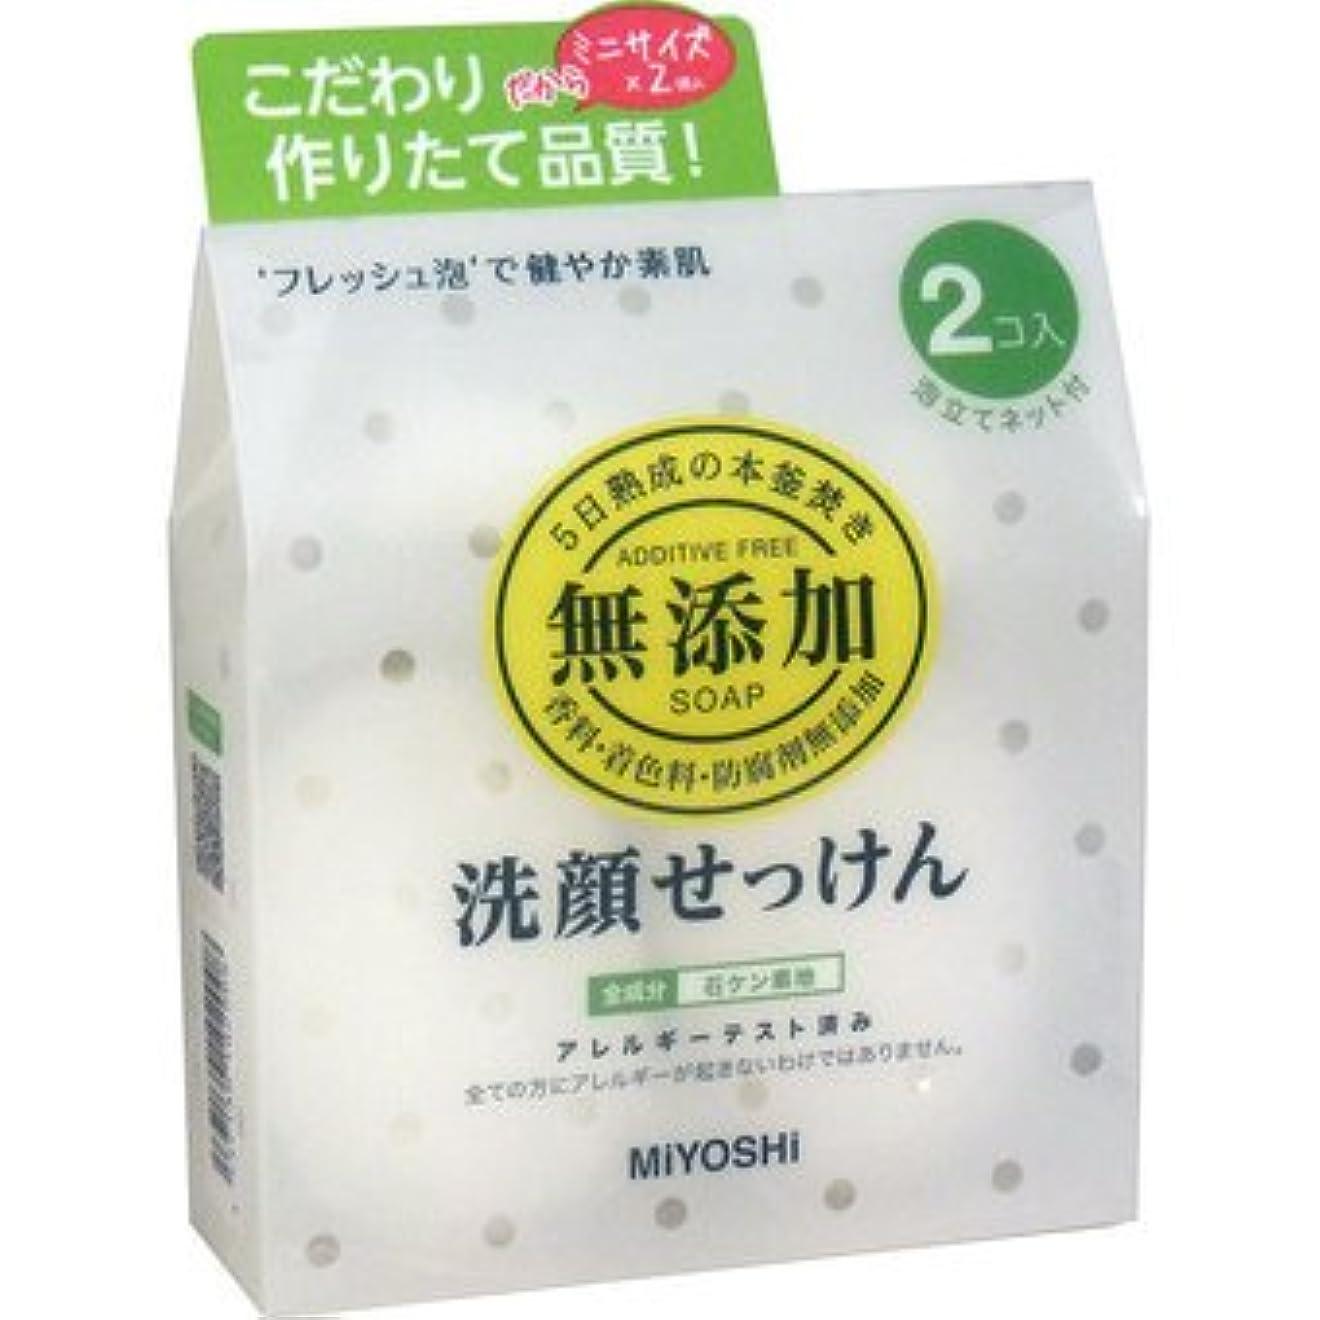 出発睡眠綺麗なミヨシ石鹸 無添加 洗顔せっけん 40g 2コ入 泡立てネット付き×36点セット (4537130102008)